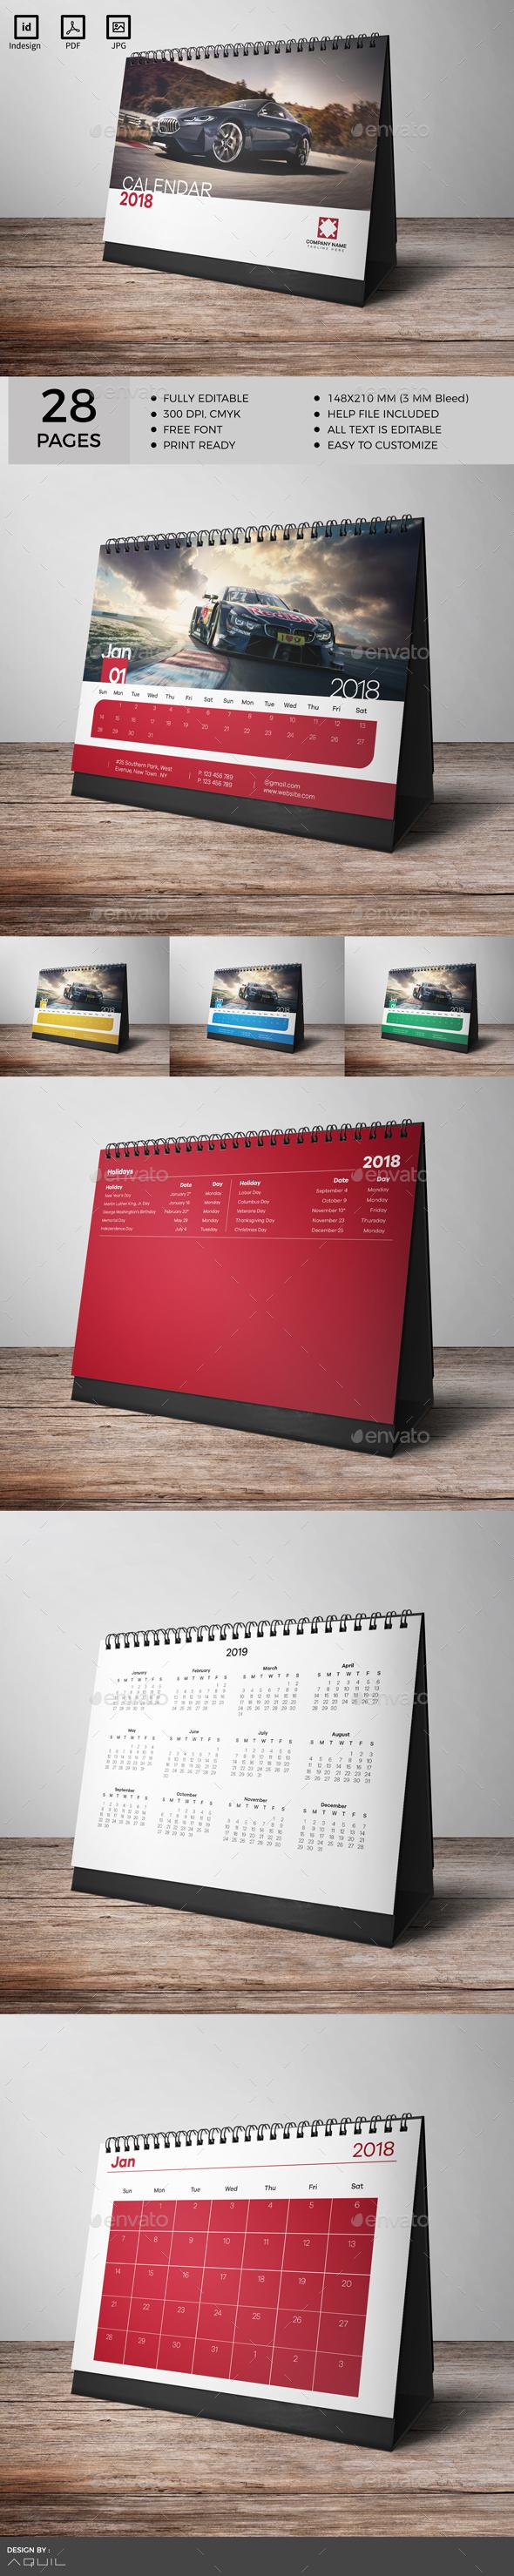 GraphicRiver Desk Calendar 2018 20438466